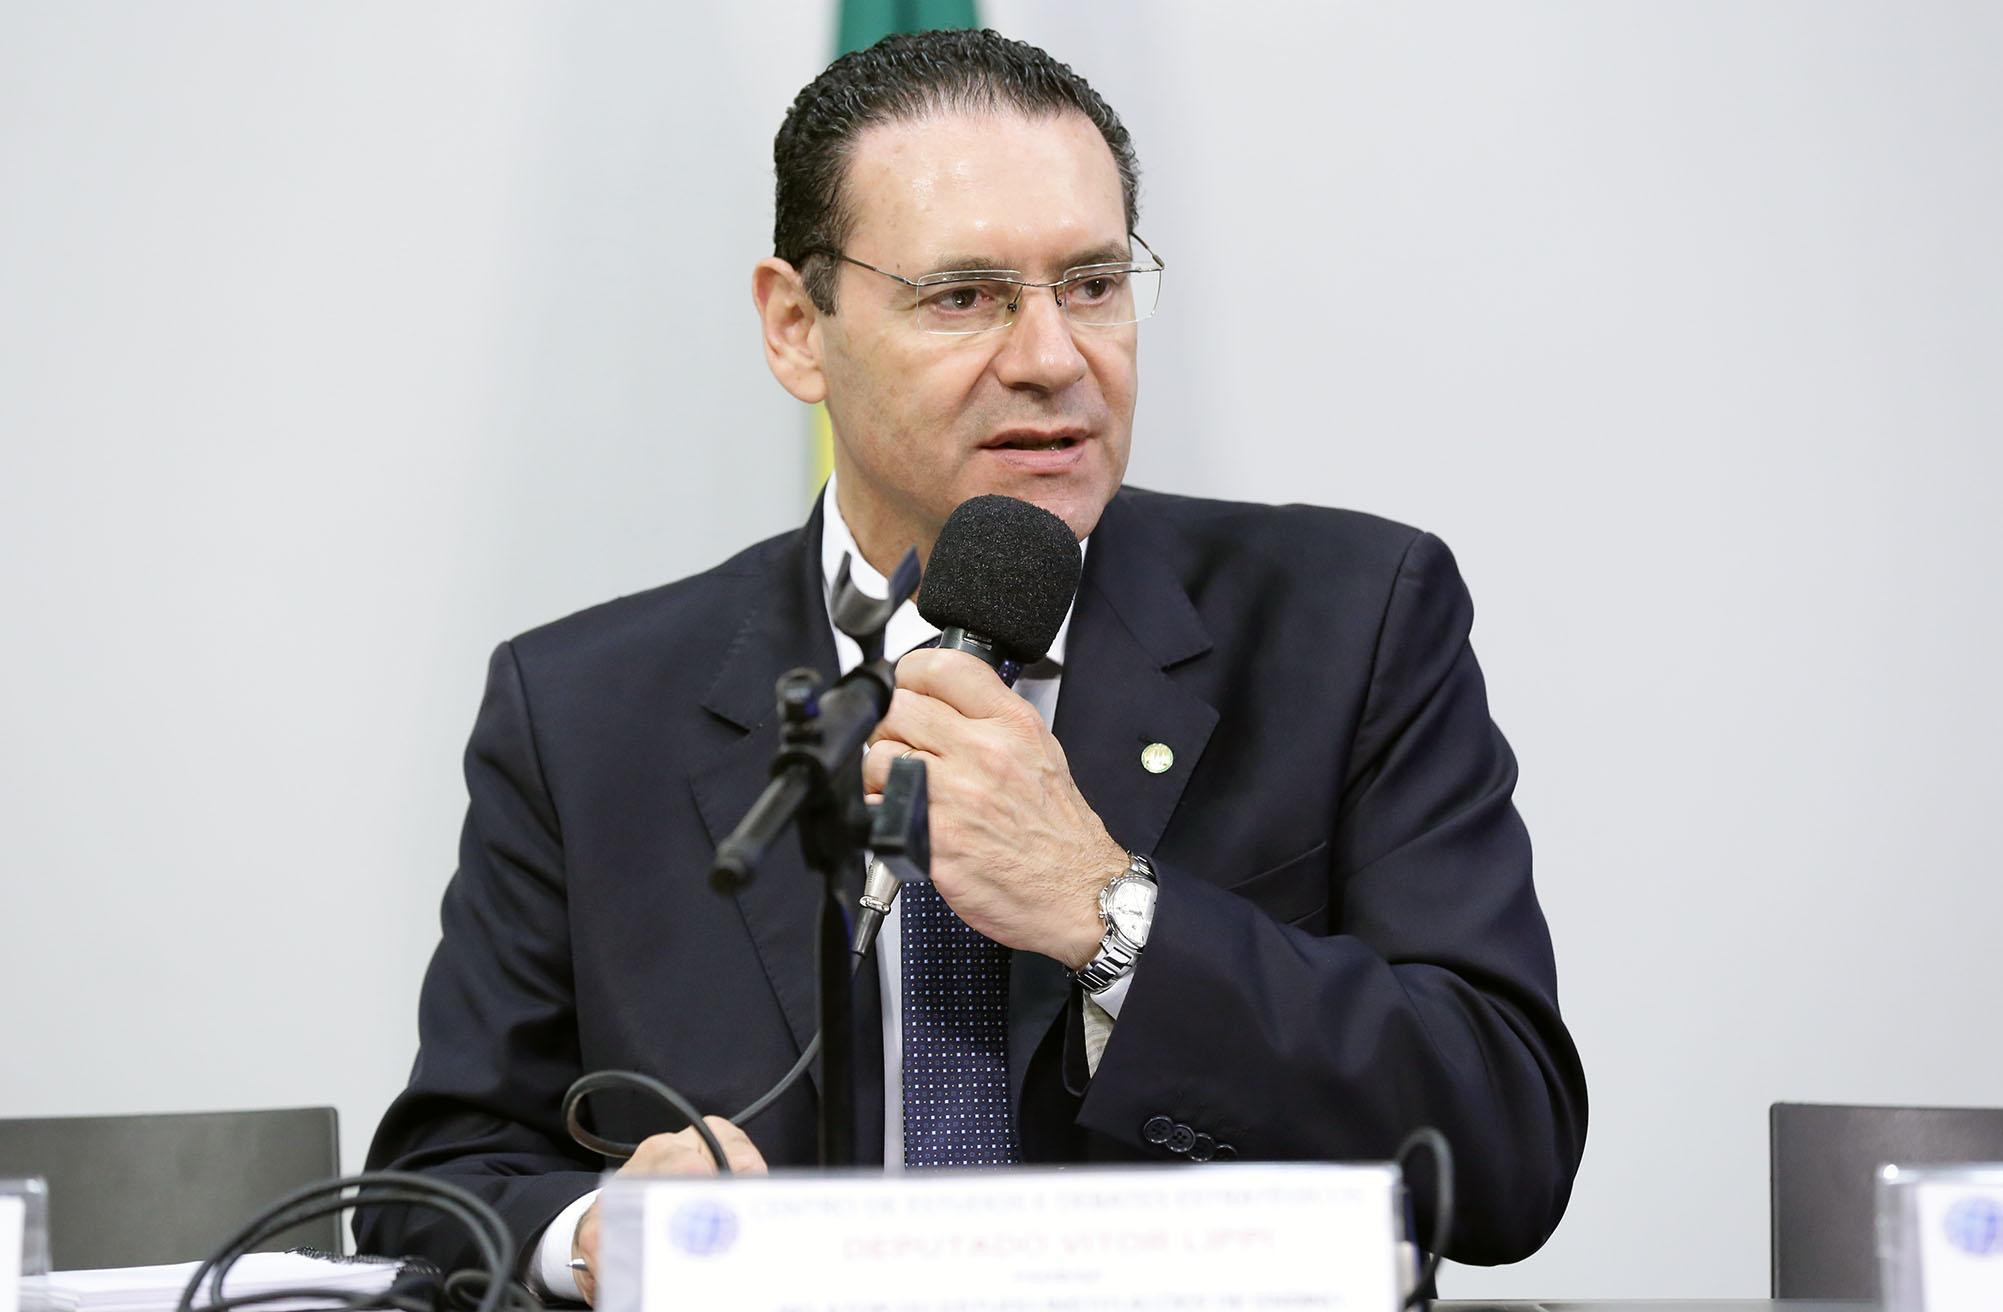 Seminário Internacional Instituições de Ensino Superior e Desenvolvimento Regional: Parcerias, Iniciativas e Perspectivas. Dep. Vitor Lippi (PSDB - SP)